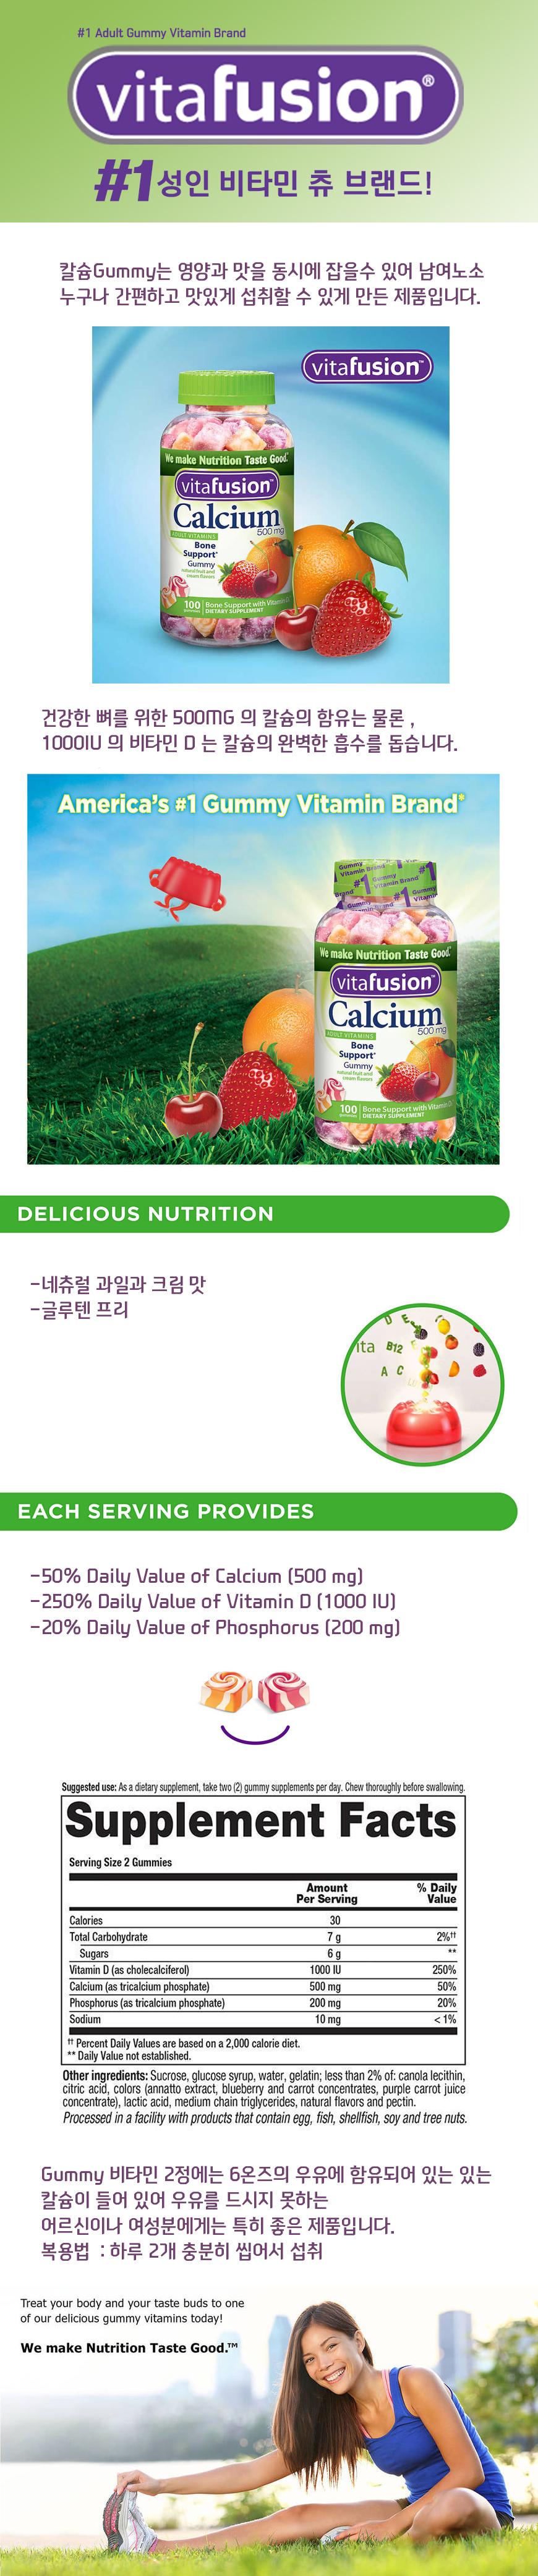 Vitafusion_calcium.jpg